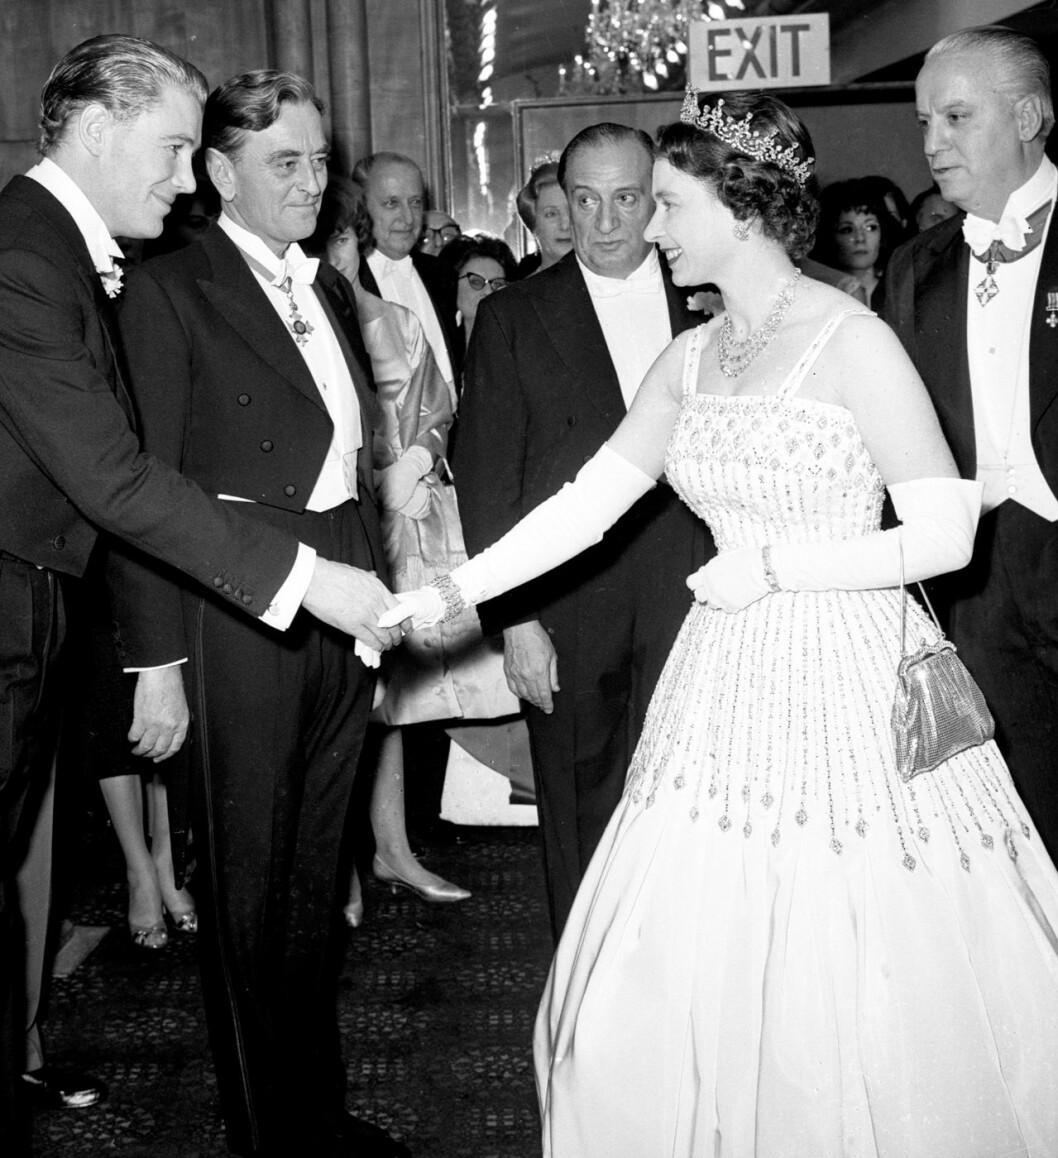 Drottning Elizabeth i den klänning som prinsessan Beatrice bar när hon gifte sig.